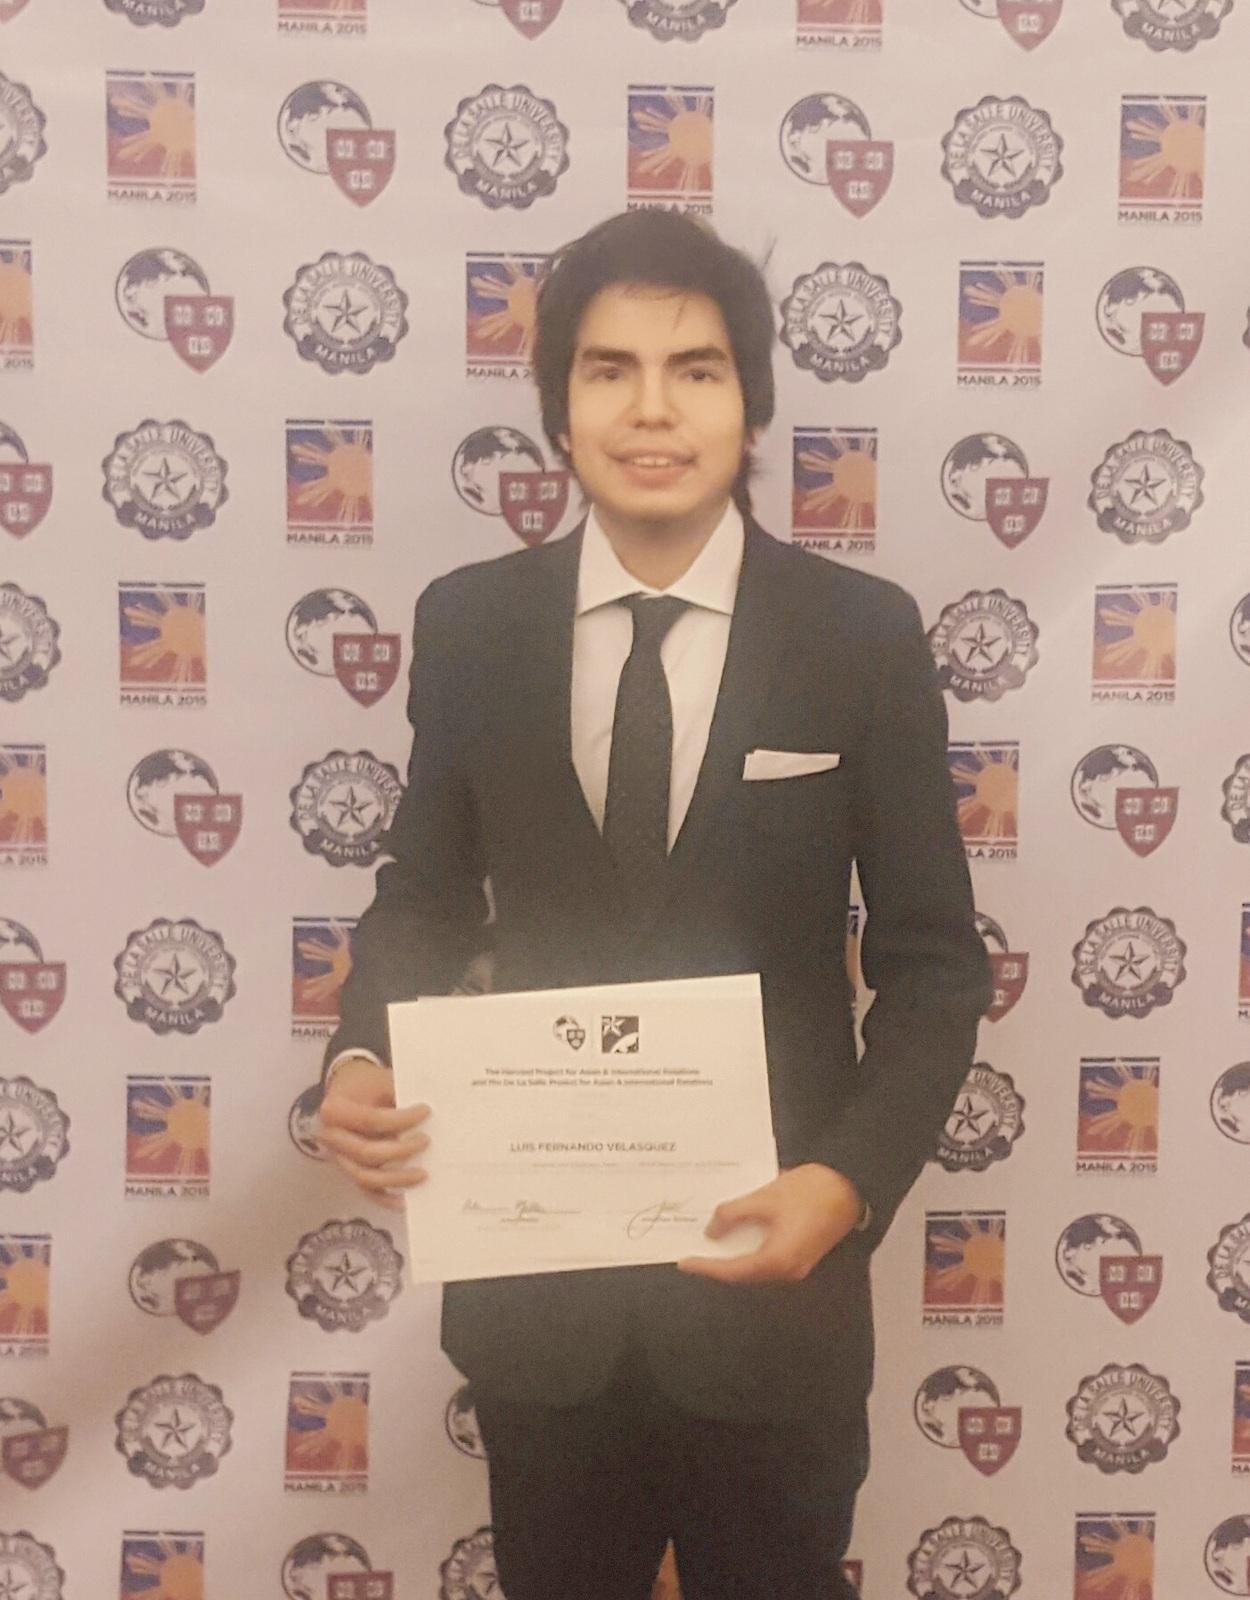 Alumno de la UPC representó al Perú en la Convención Internacional HarvardPAIR en Filipinas